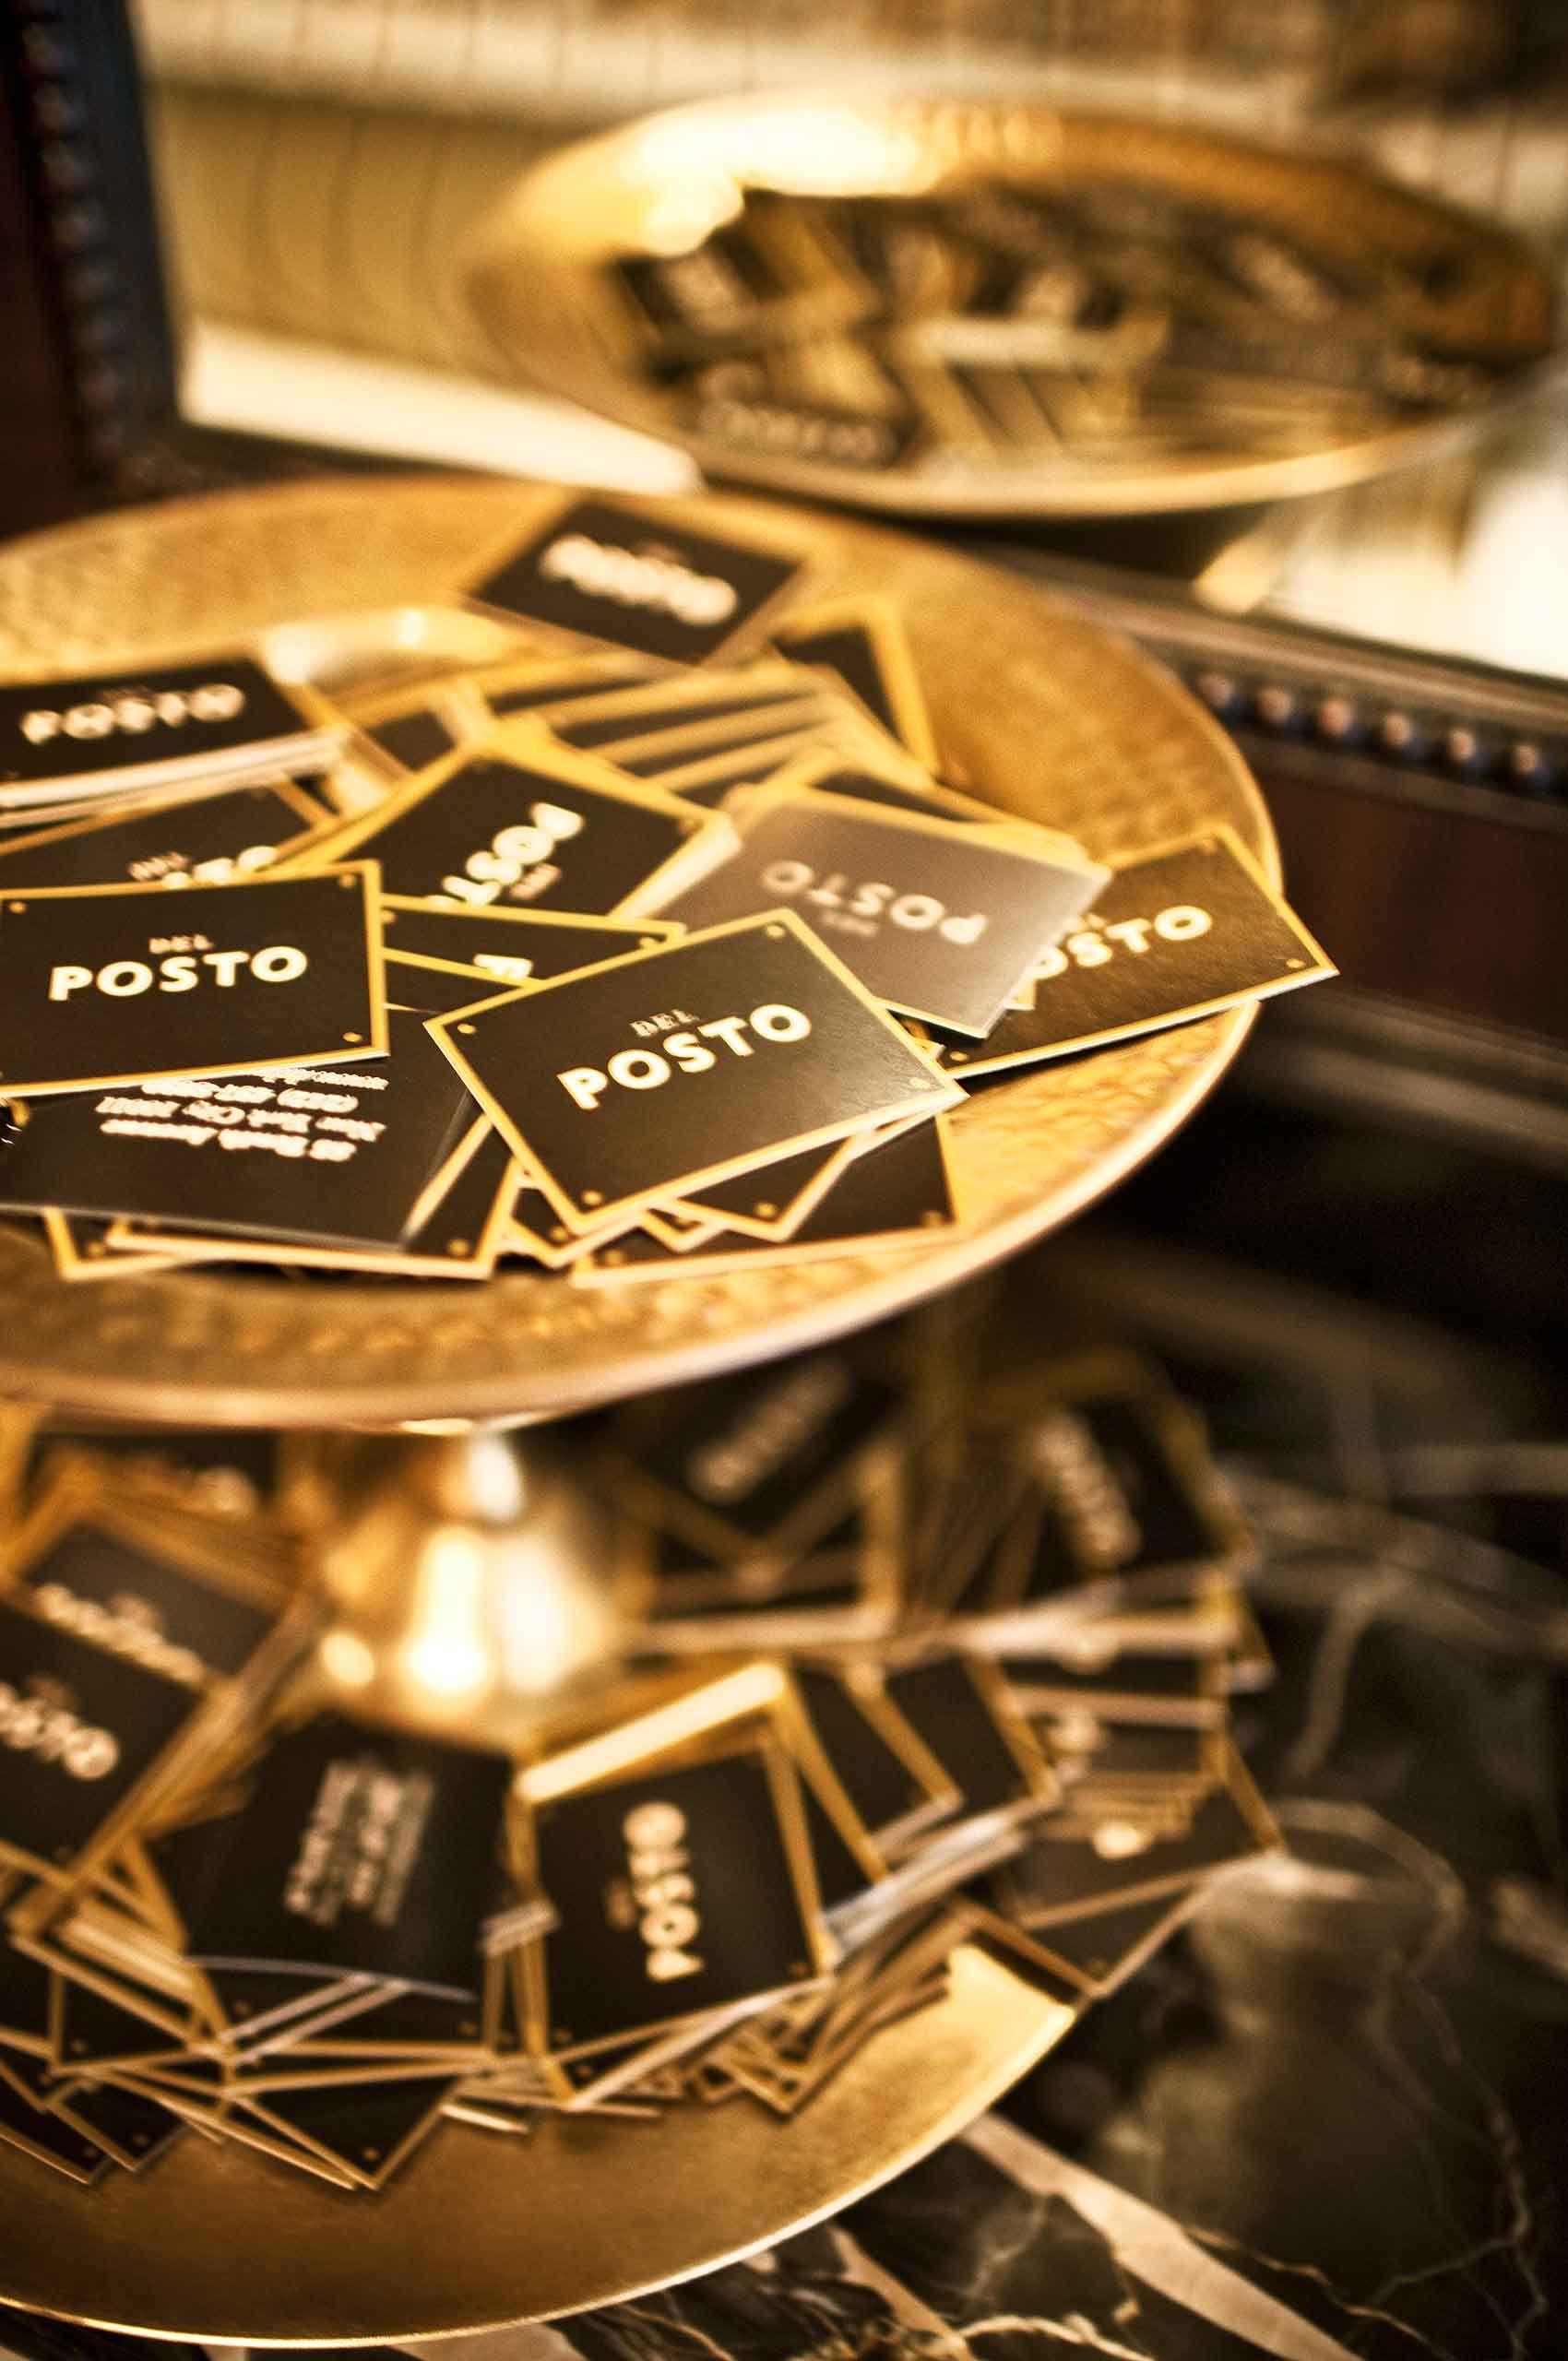 DelPosto-businesscards-by-HenrikOlundPhotography.jpg